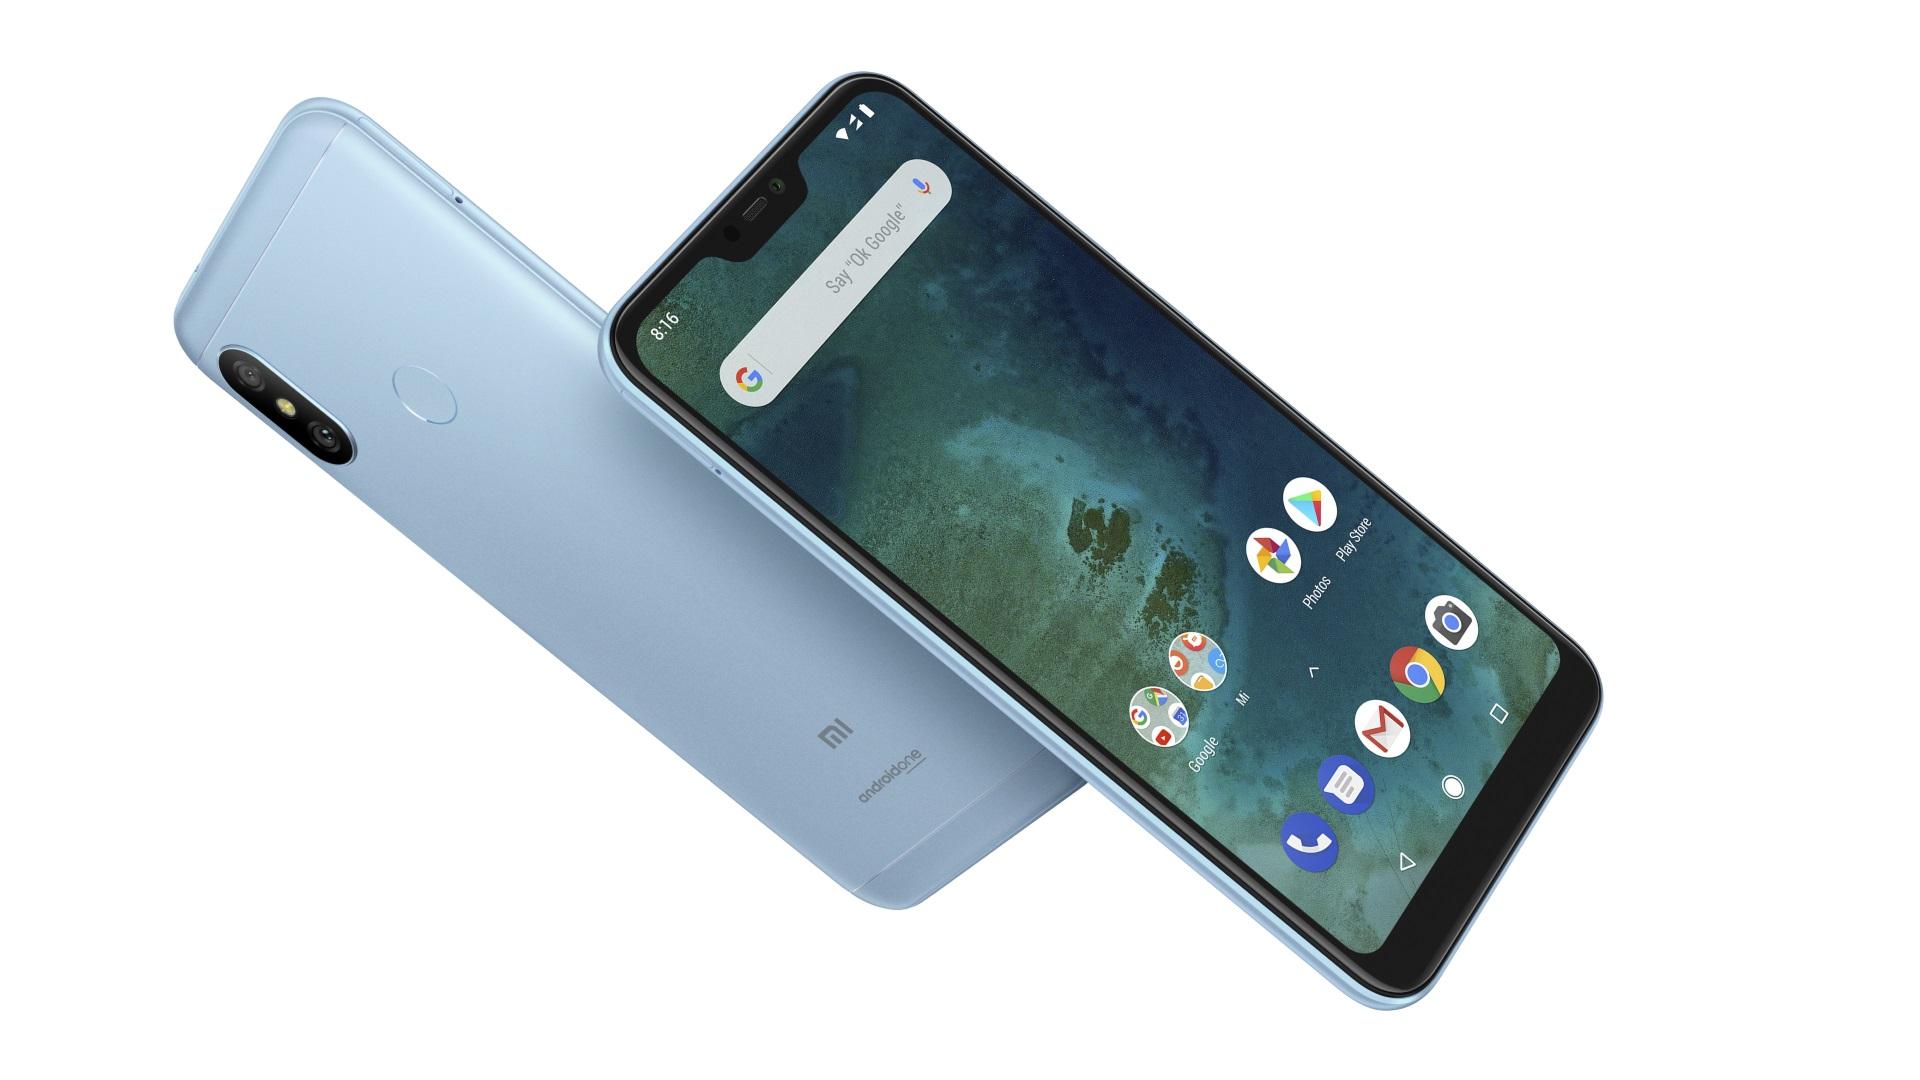 Изображение рендера телефона Xiaomi Mi A2 Lite в корпусе светло–лазурного цвета спереди и сзади